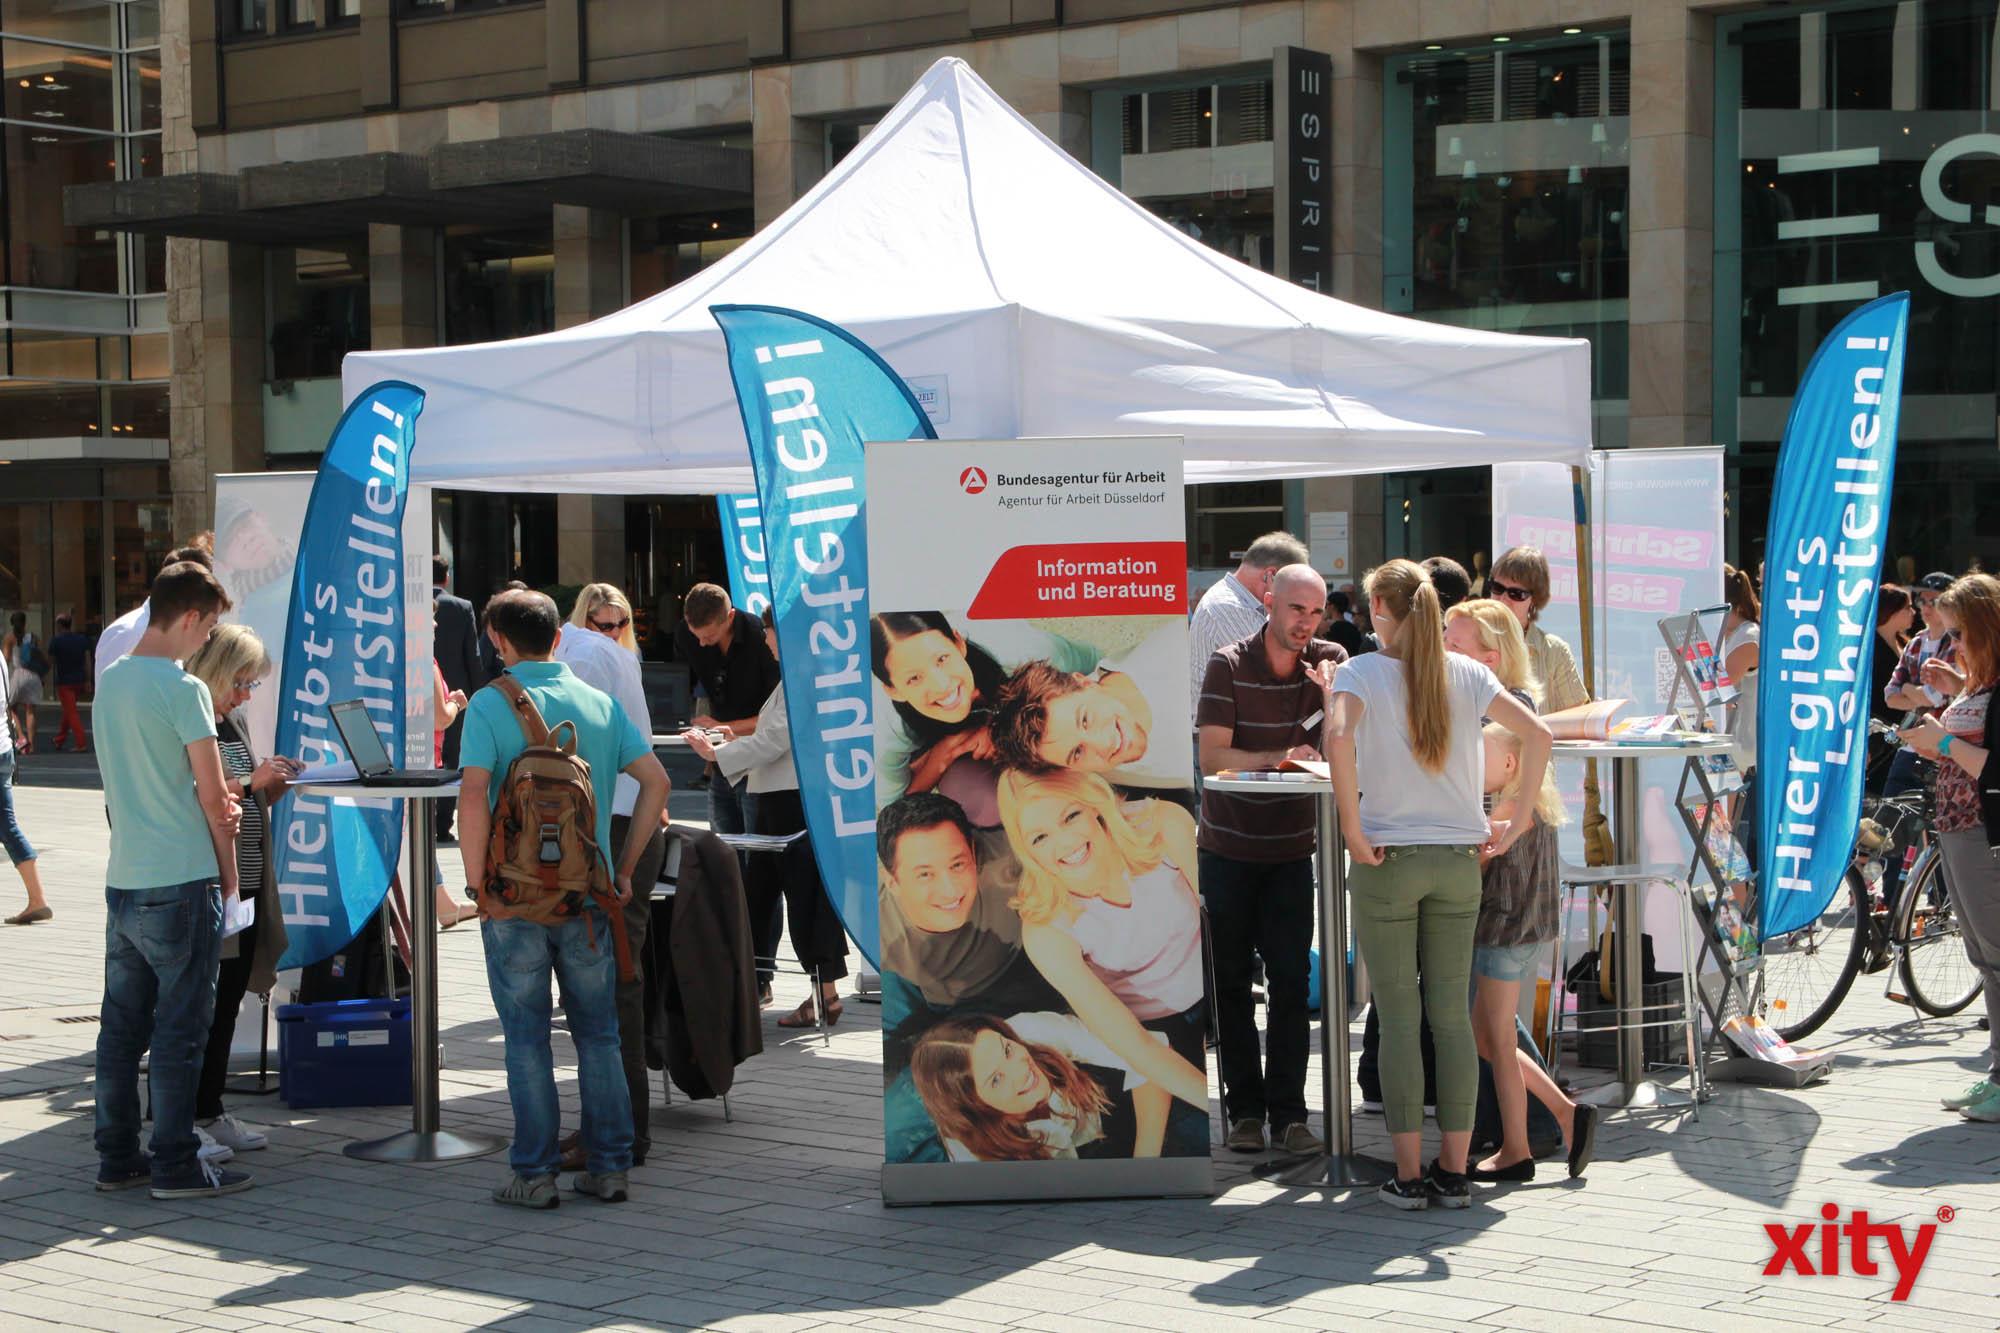 Sommer-Lehrstellen-Aktion auf dem Schadowplatz (Foto: xity)